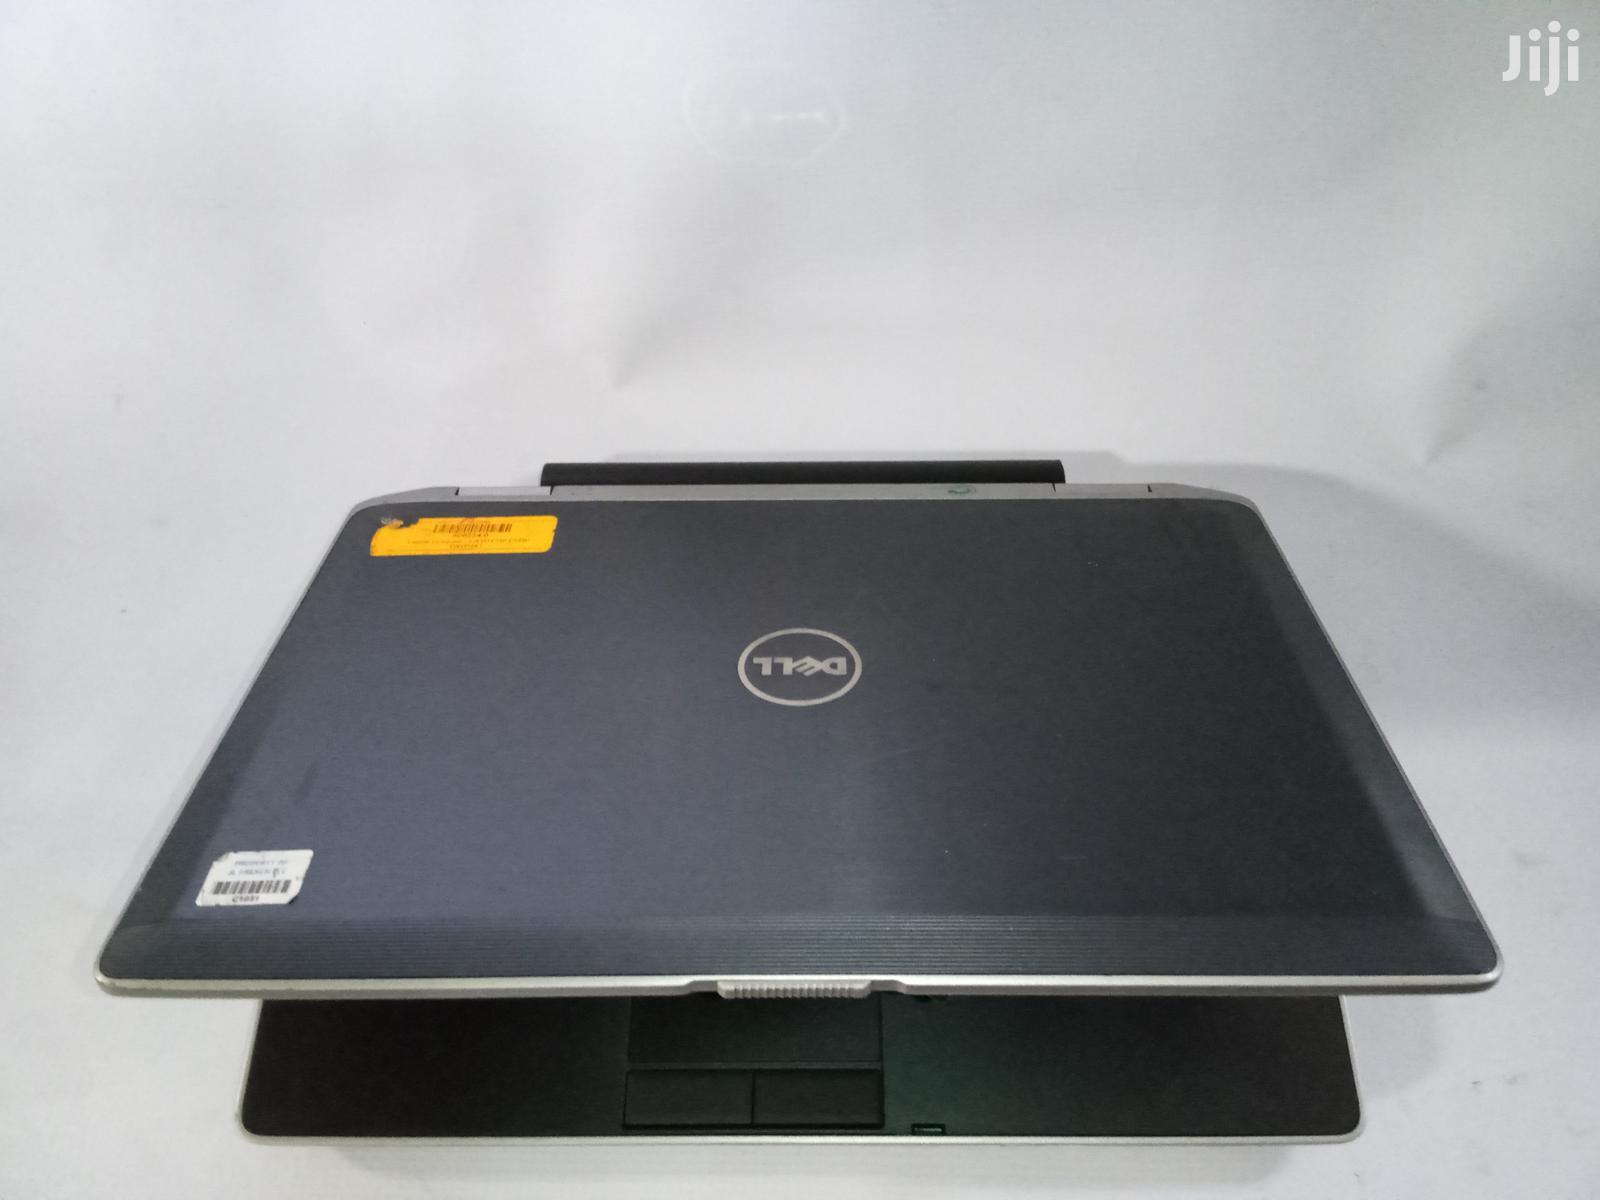 Laptop Dell Latitude E6430 4GB Intel Core i5 HDD 320GB   Laptops & Computers for sale in Oshodi, Lagos State, Nigeria